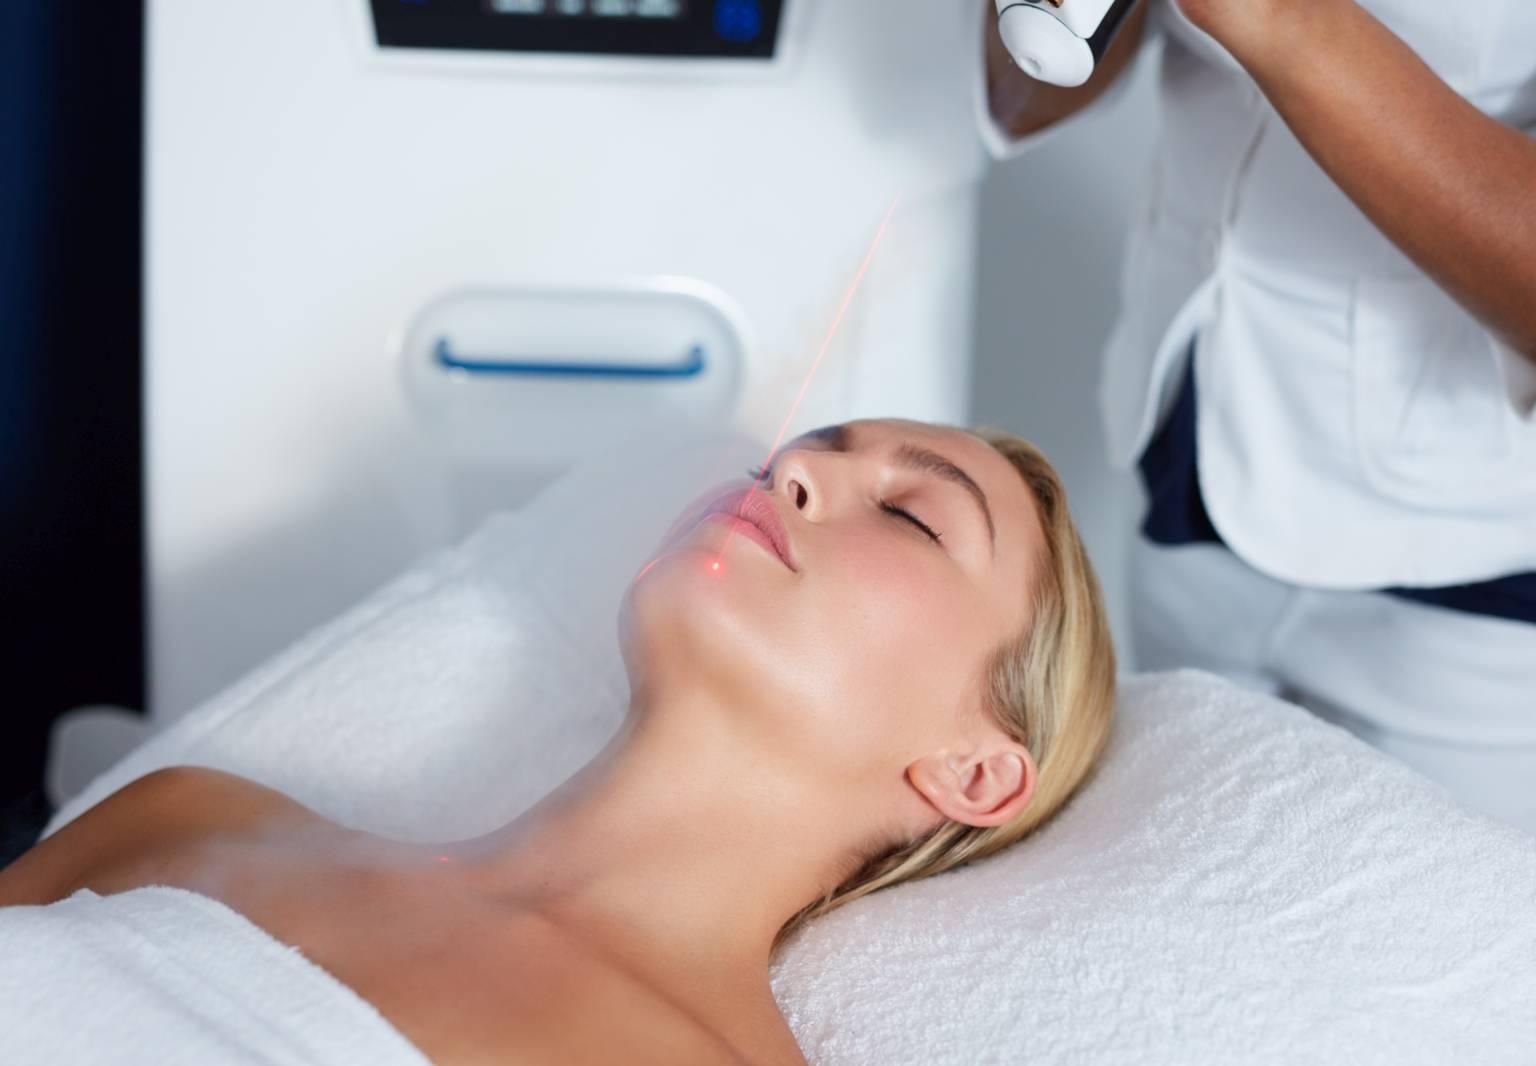 Krioterapia twarzy, czyli leczenie zimnem. Kobieta poddaje się zabiegowi medycyny estetycznej.